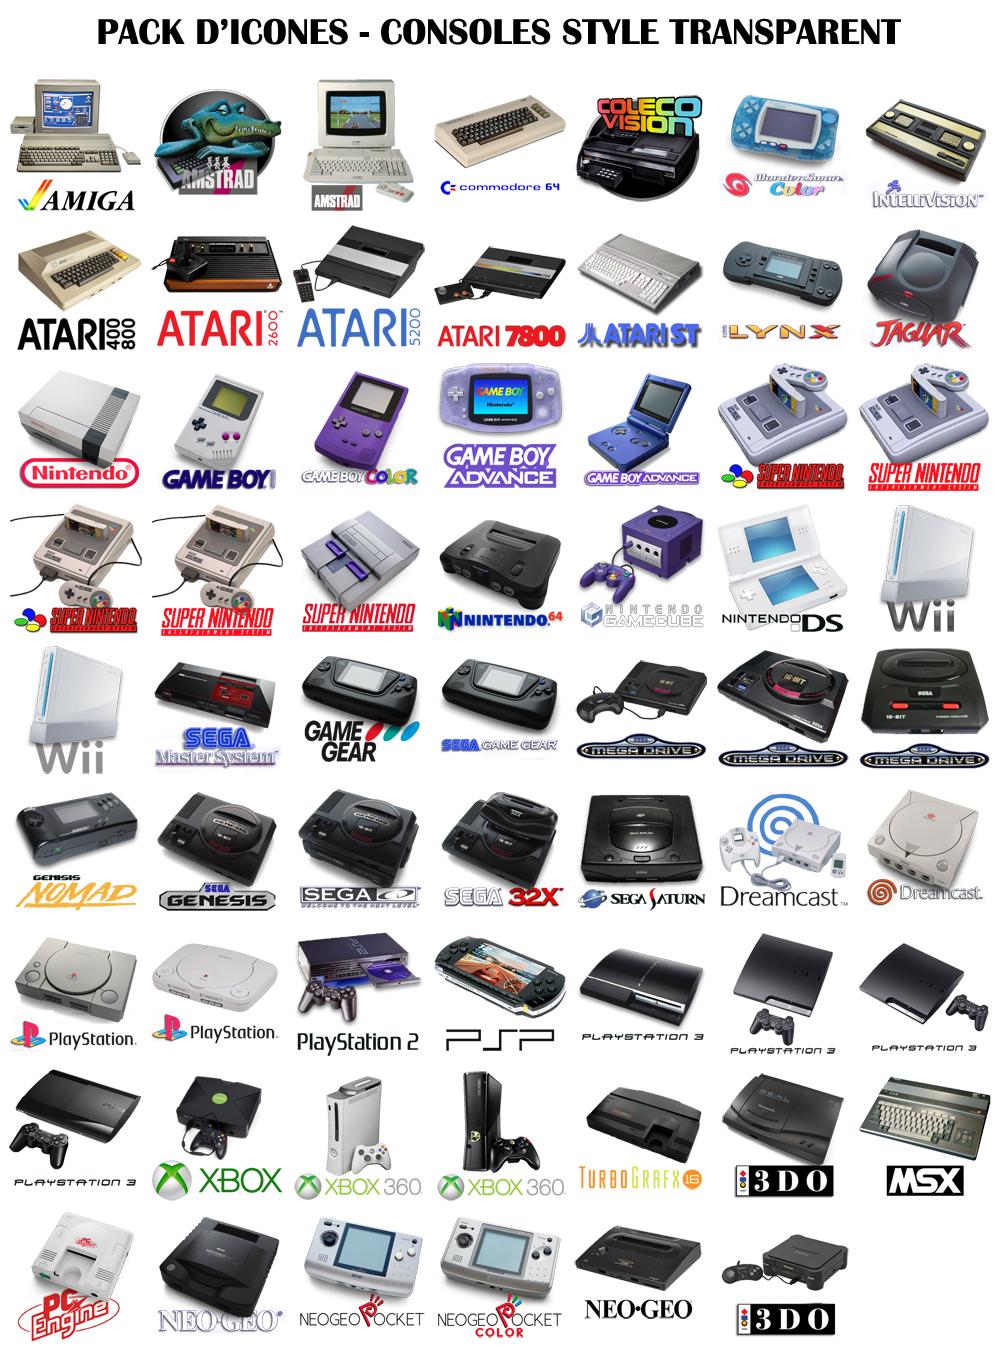 Icones pour emulateurs Transparents1